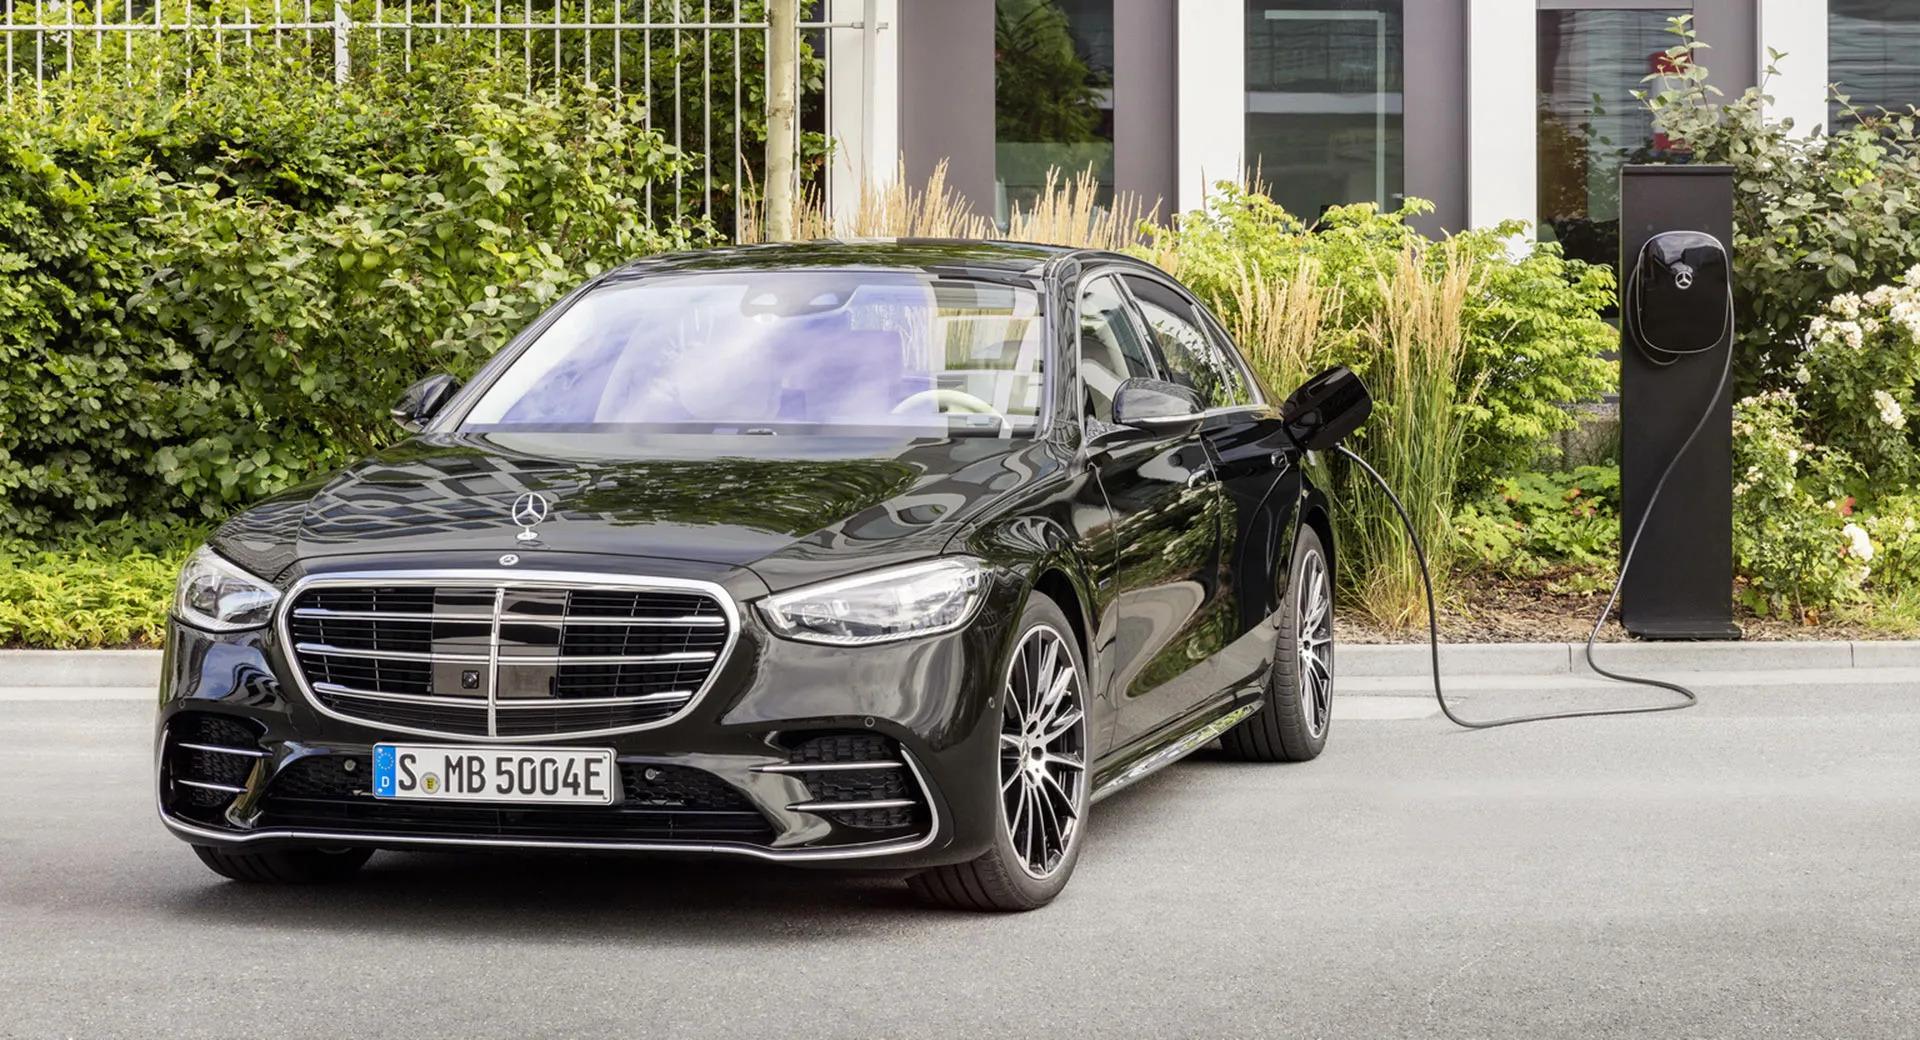 Mercedes présente la nouvelle Classe S, déclinée en deux motorisations hybrides